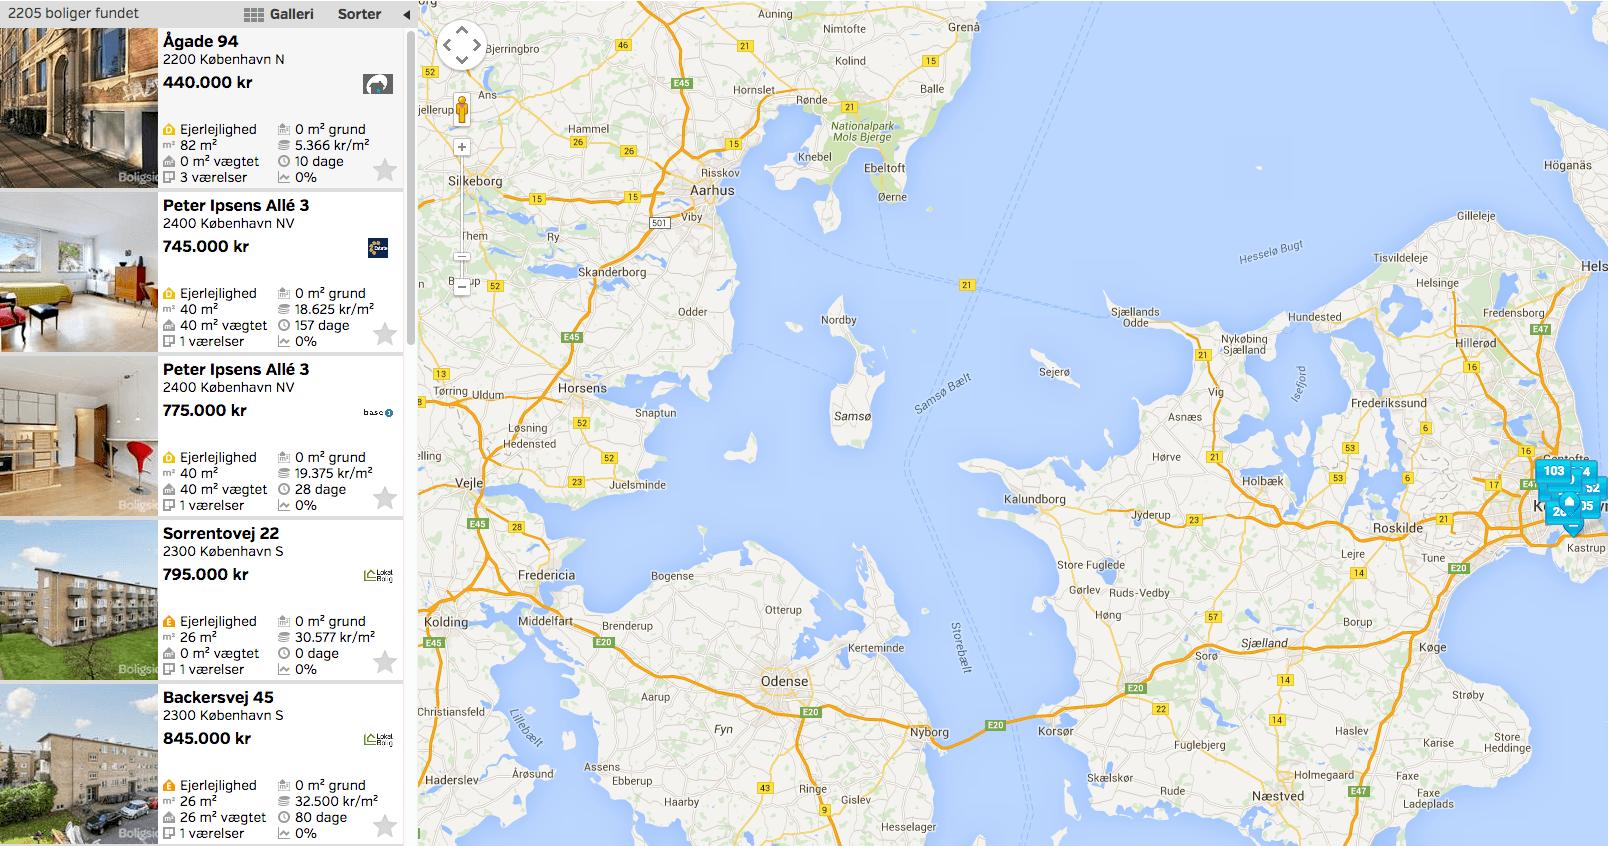 bolig.dk screenshot af boliger i kbenhavn